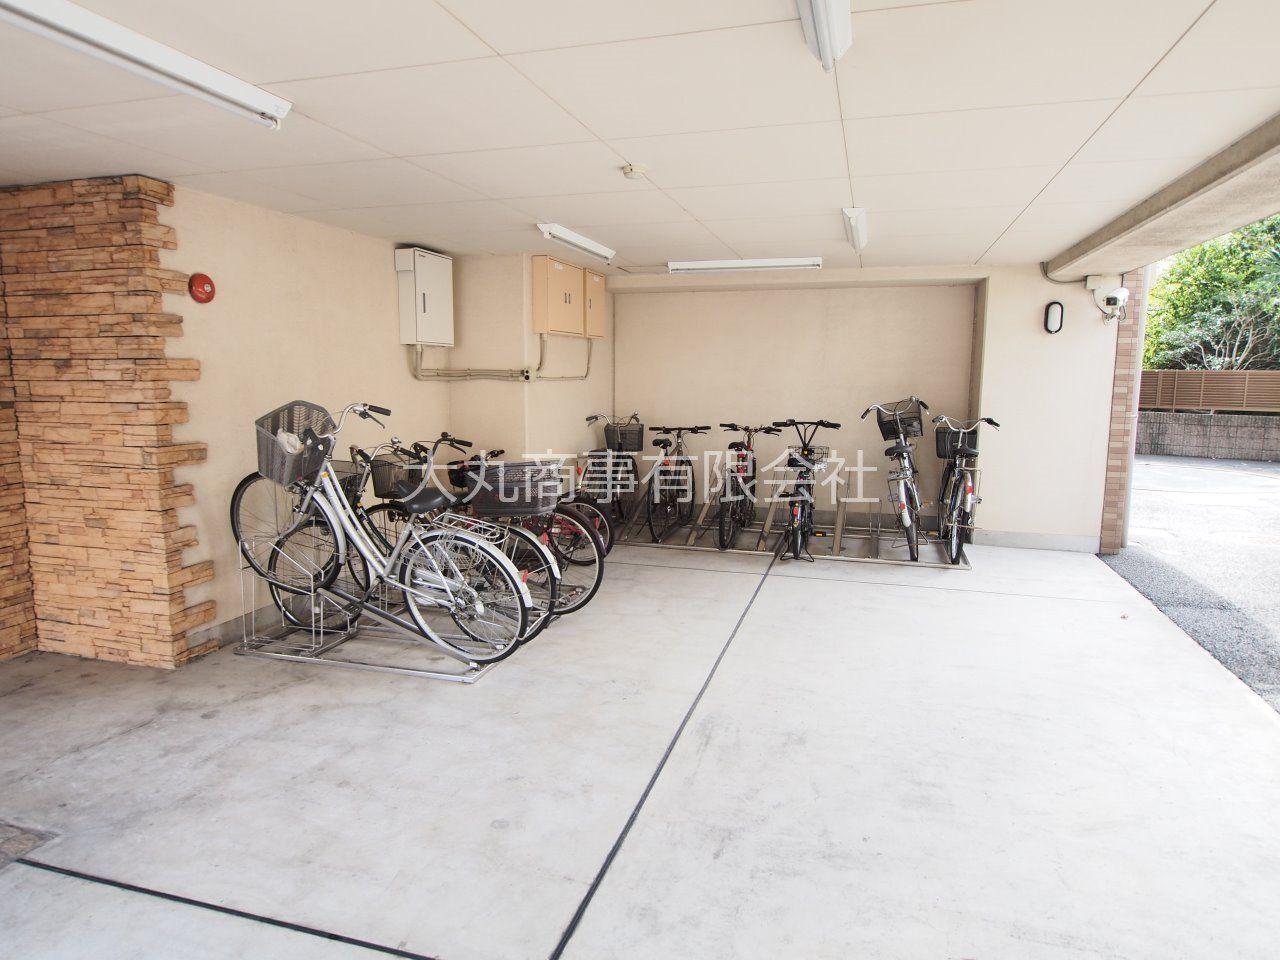 自転車ラックのある自転車置場